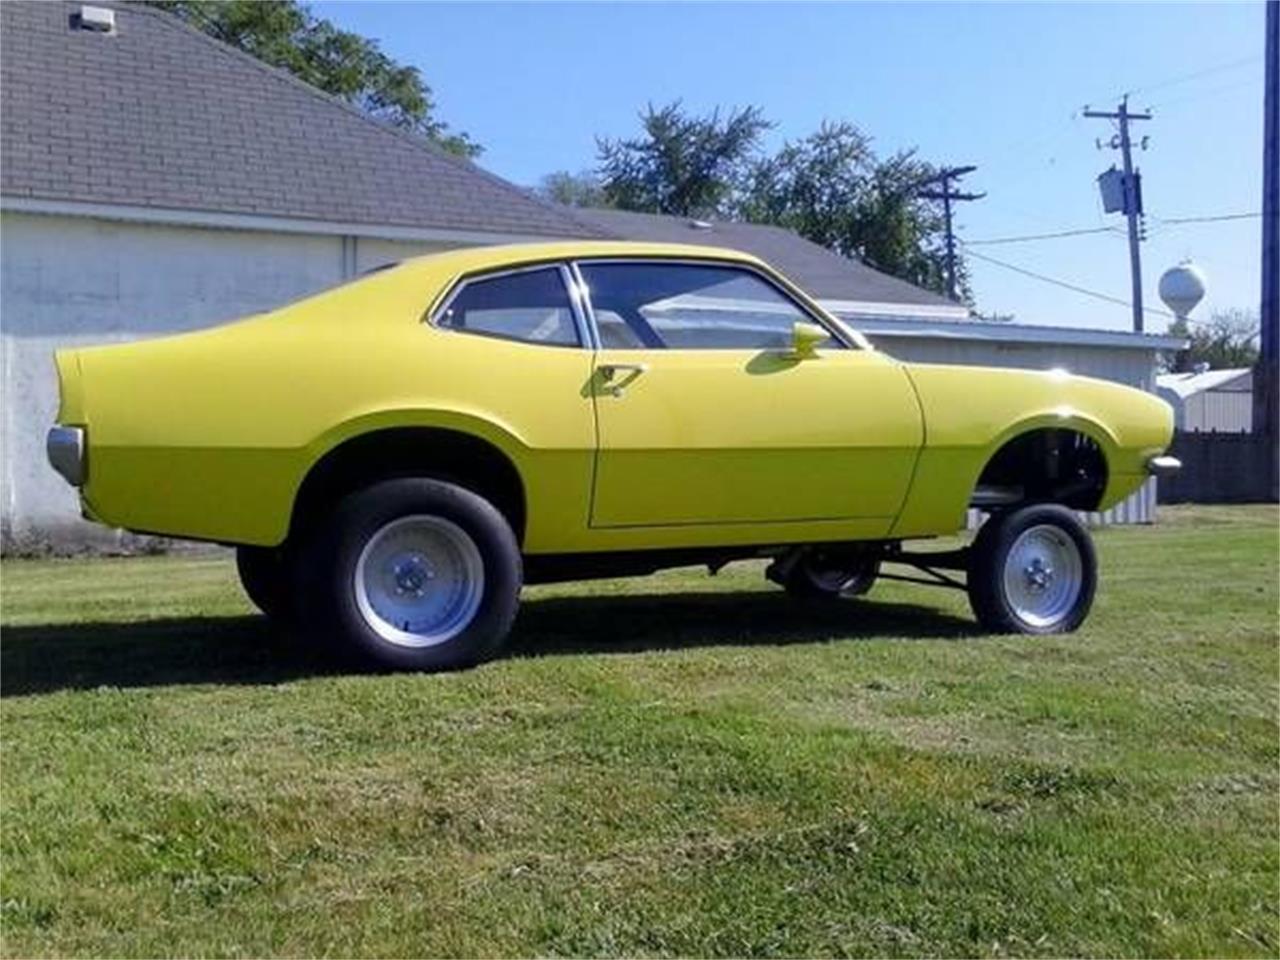 1971 Ford Maverick For Sale Classiccars Com Cc 1146179